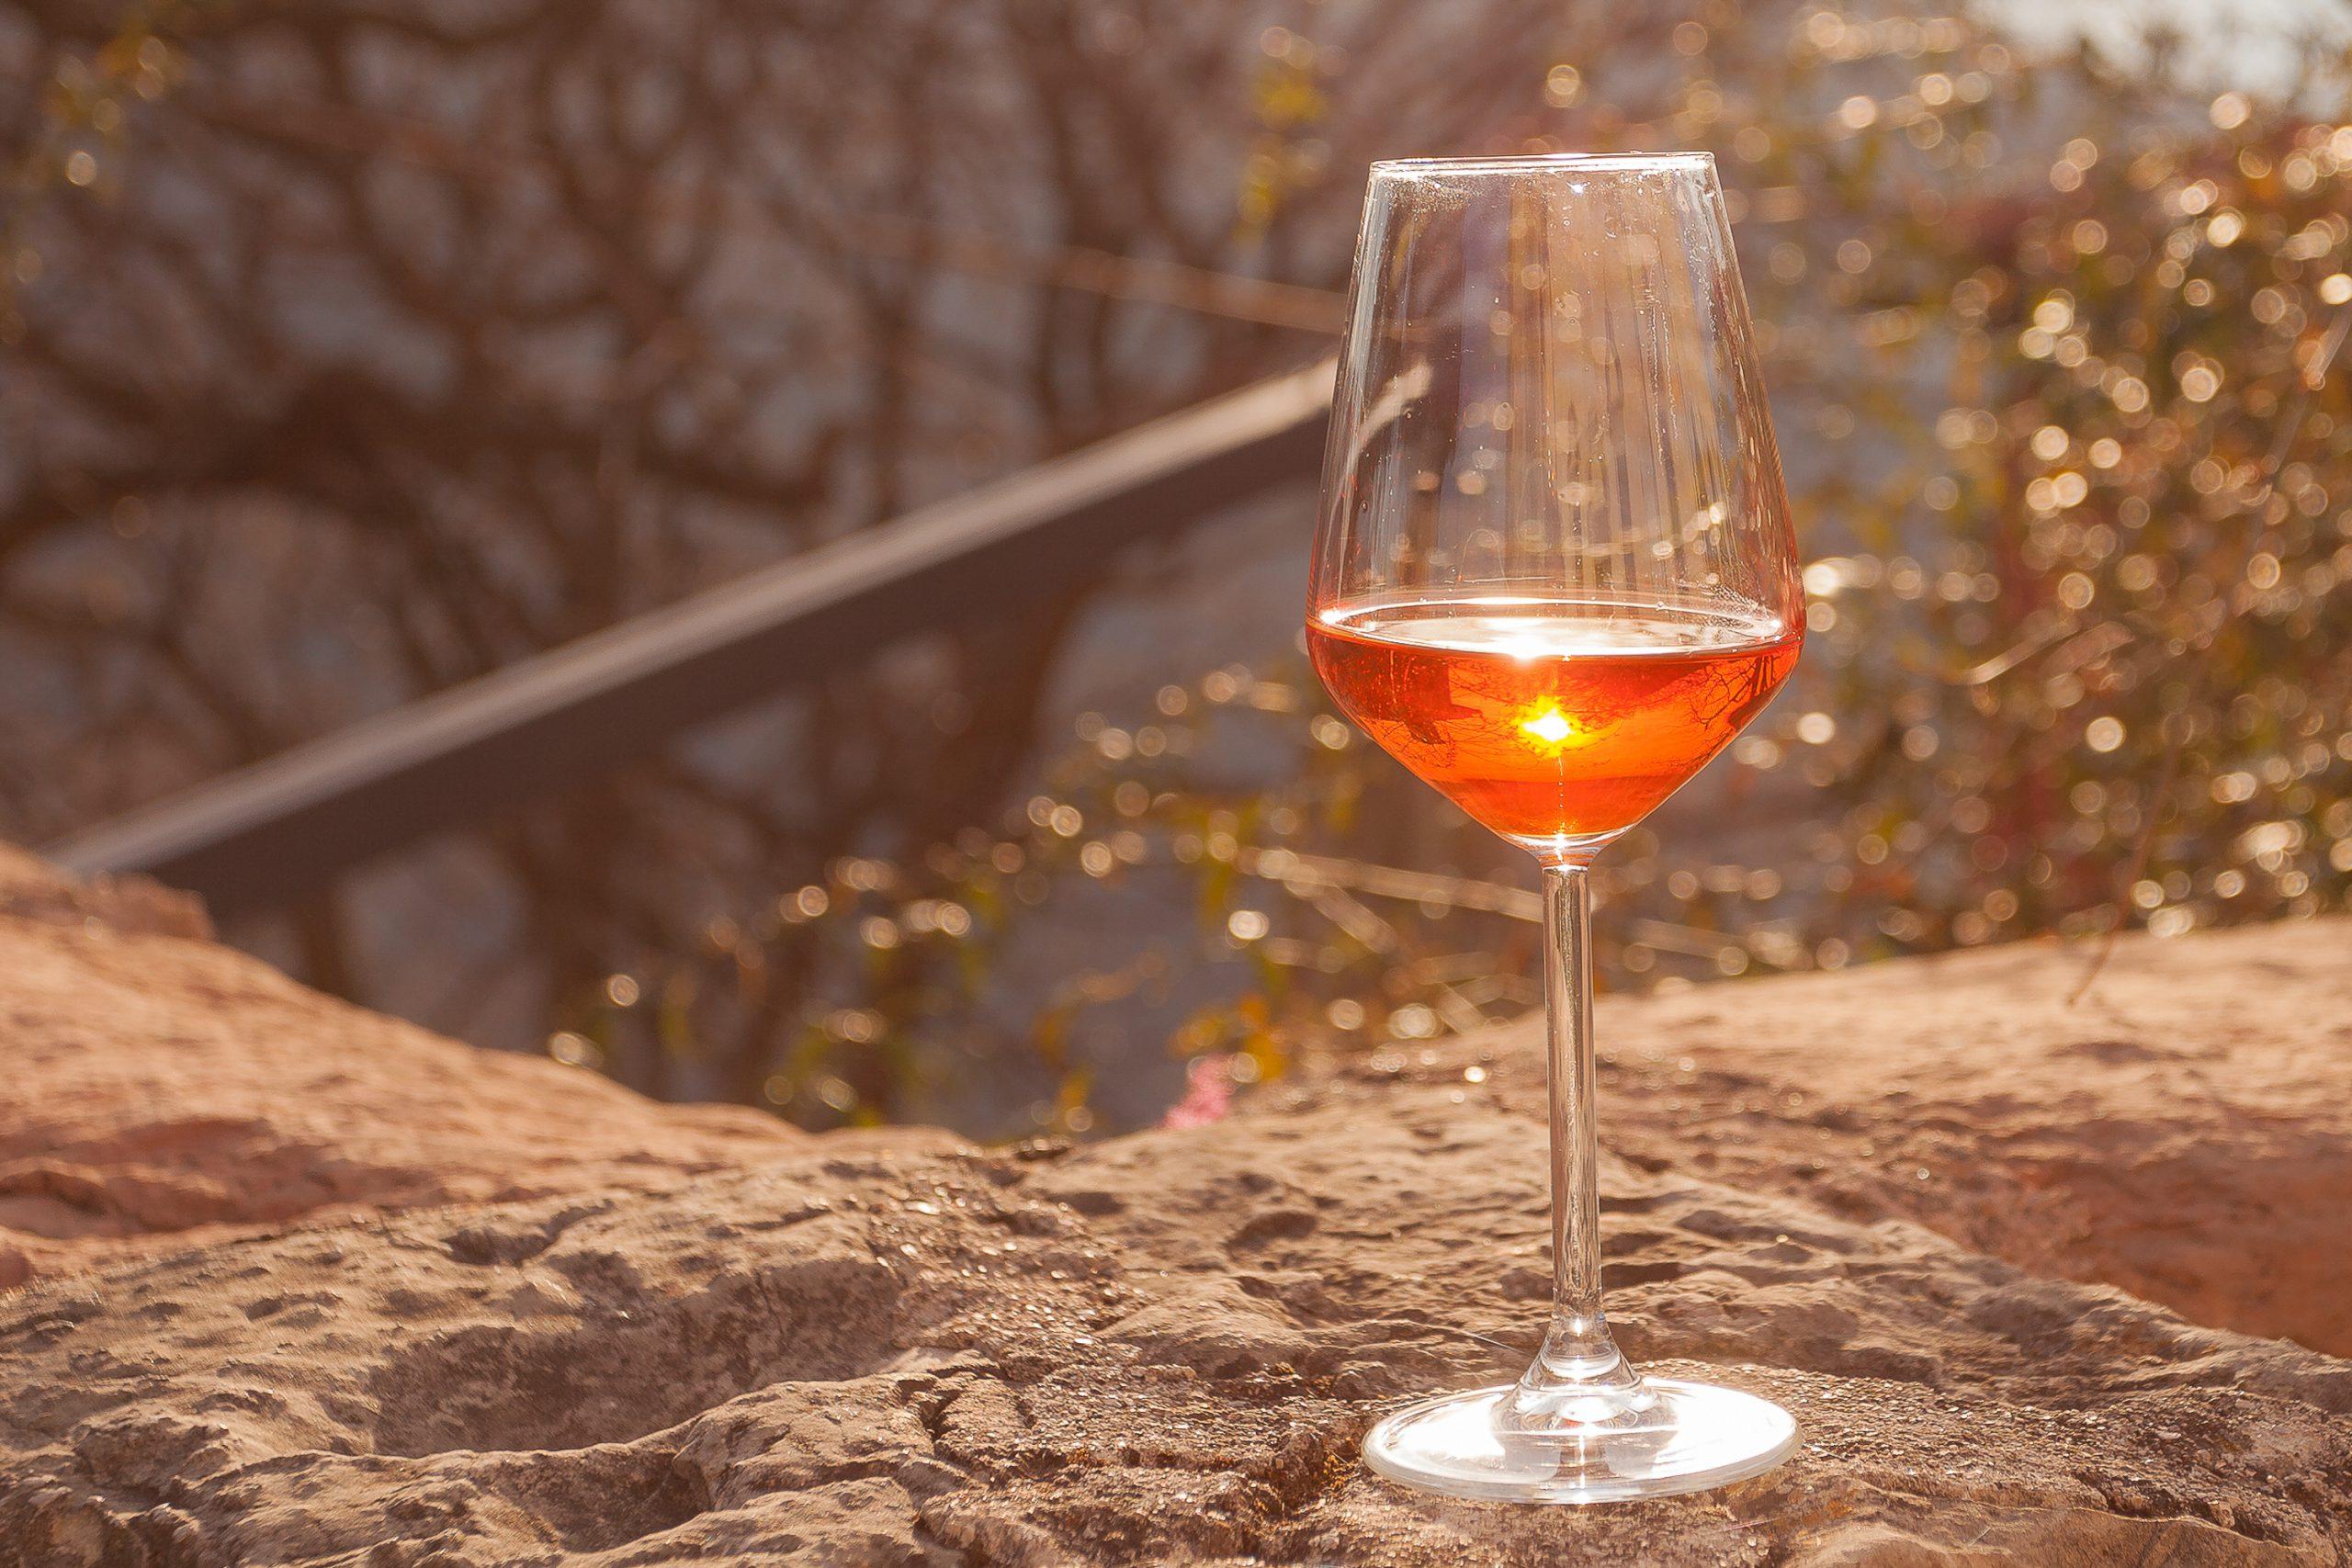 オレンジワインとは?オレンジワインの製造法や味わいを解説